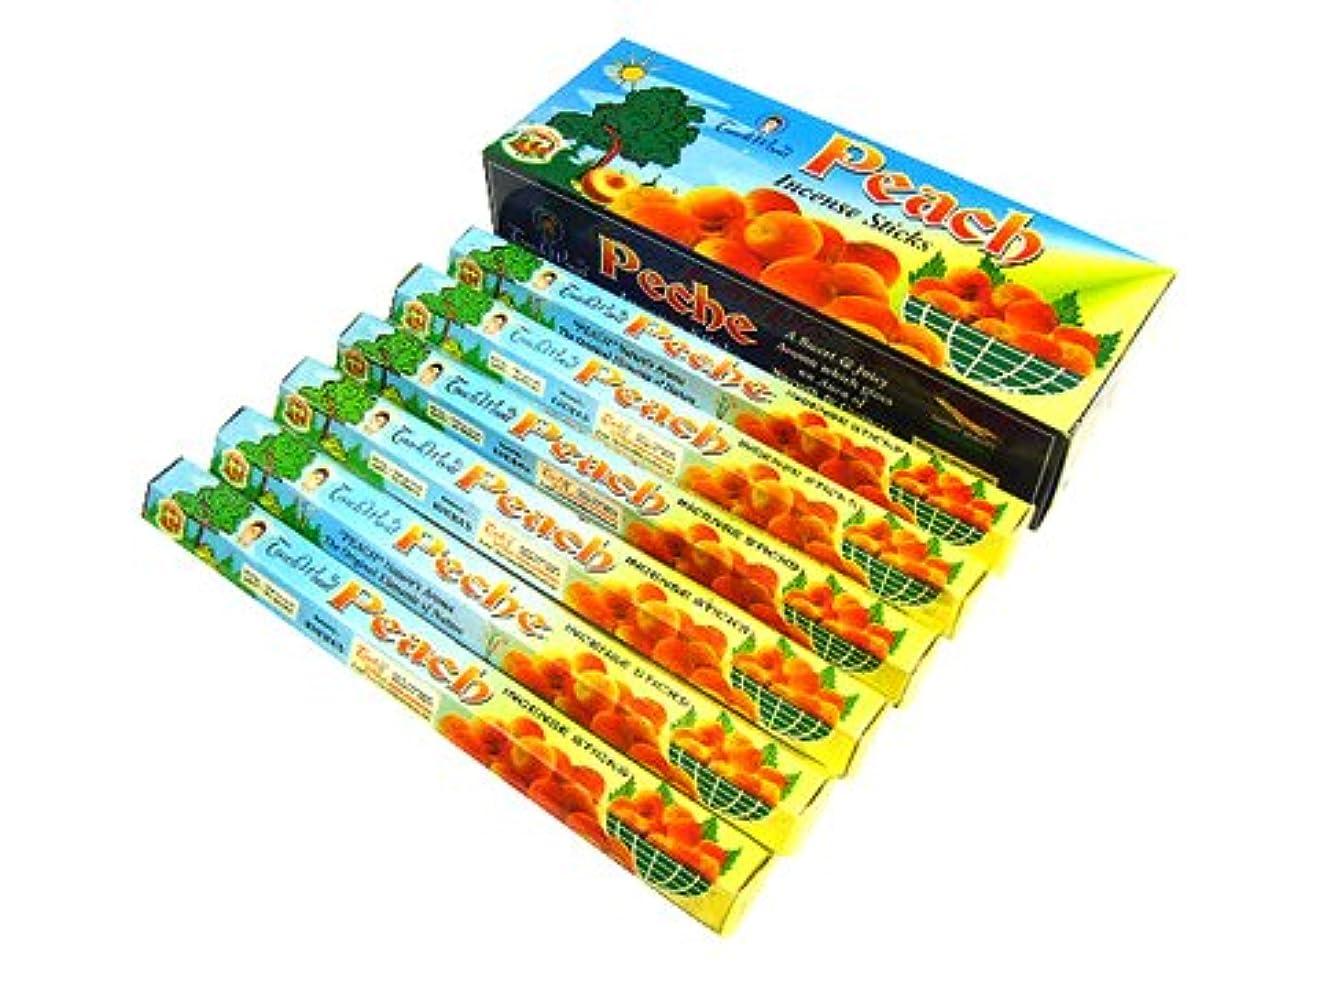 晴れ甘いアルミニウムTOUCH WOOD(タッチ ウッド) PEACH ピーチ香 スティック 6箱セット